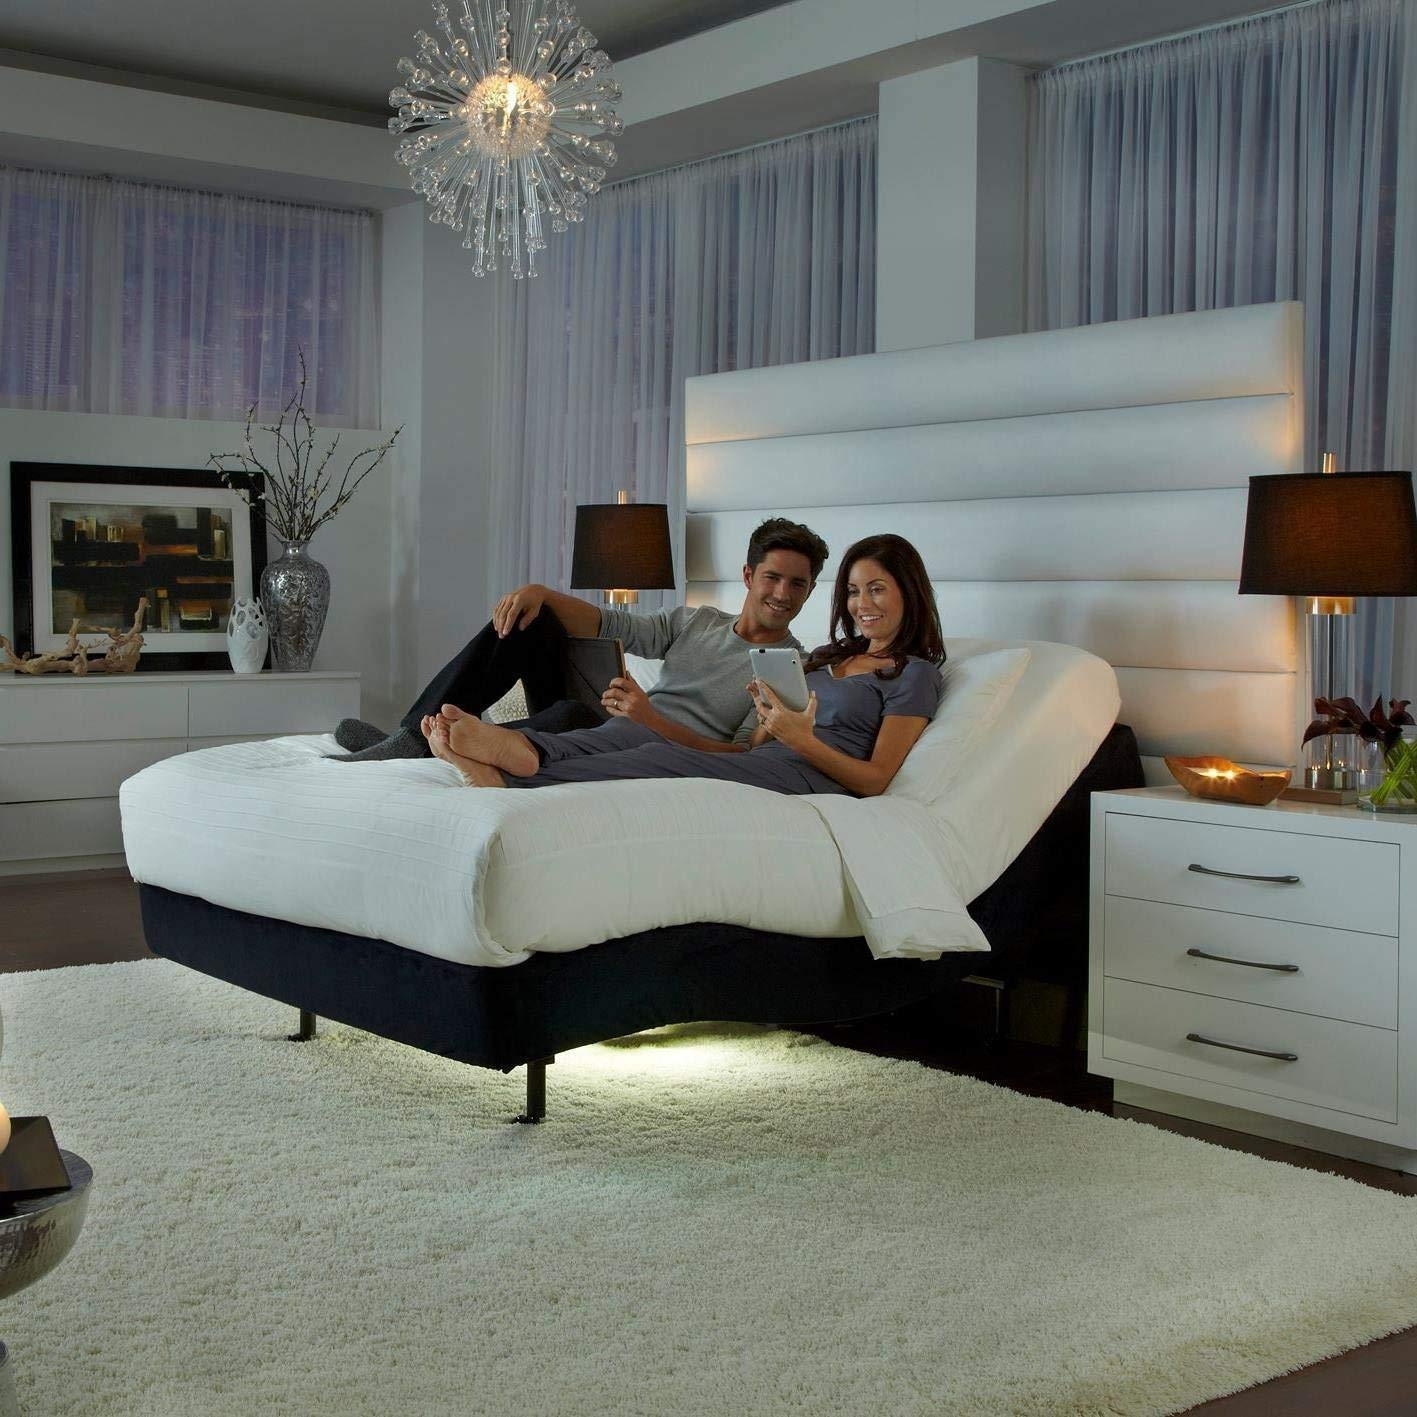 Prodigy Comfort Elite Adjustable Bed Base by Leggett & Platt with 14.5'' CoolBreeze Plush Gel Memory Foam Mattress by Dynasty Mattress (Split King w/Setup) by Leggett & Platt